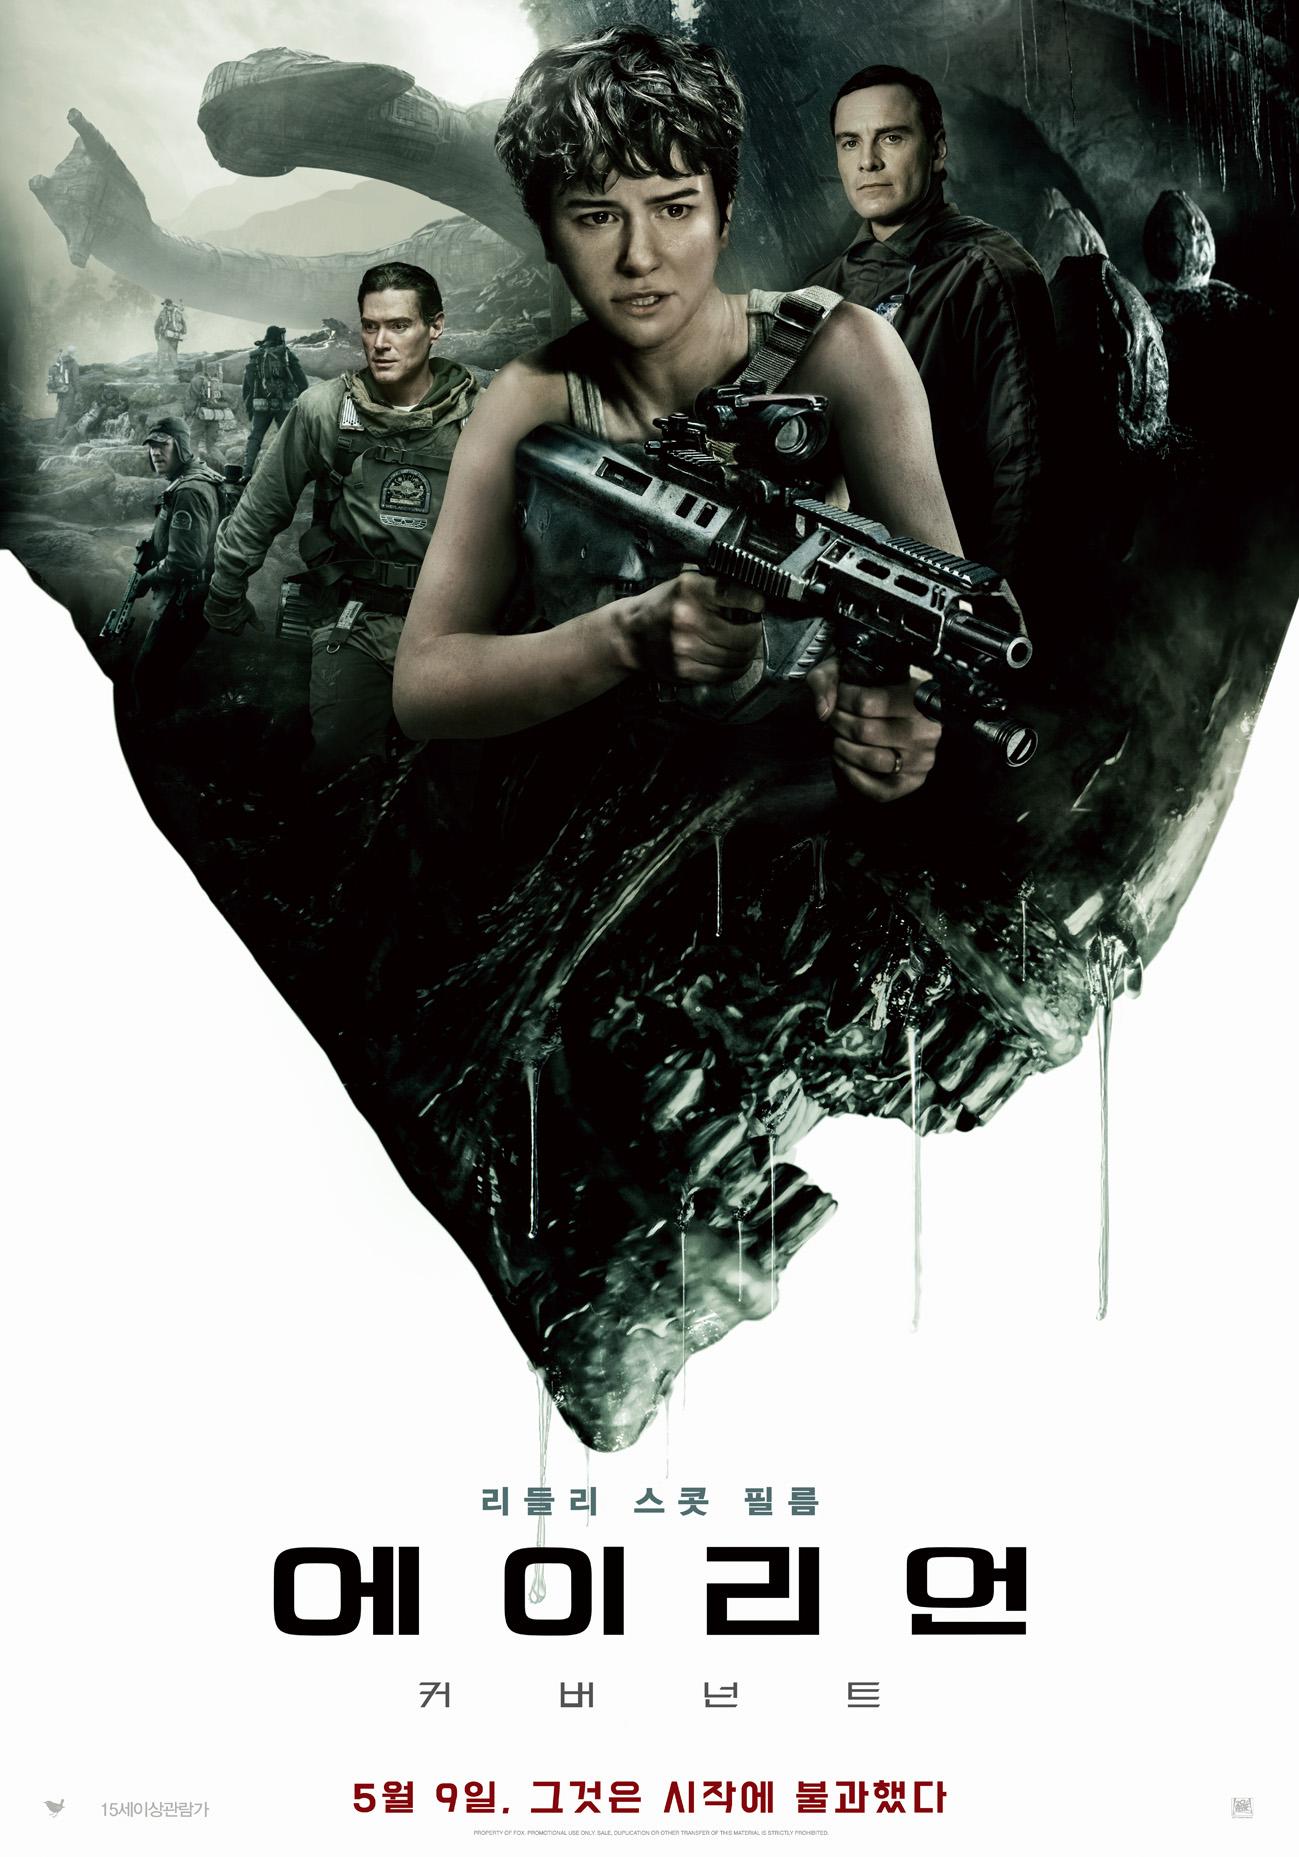 에이리언 : 커버넌트 (Alien : Covenant, 2017)